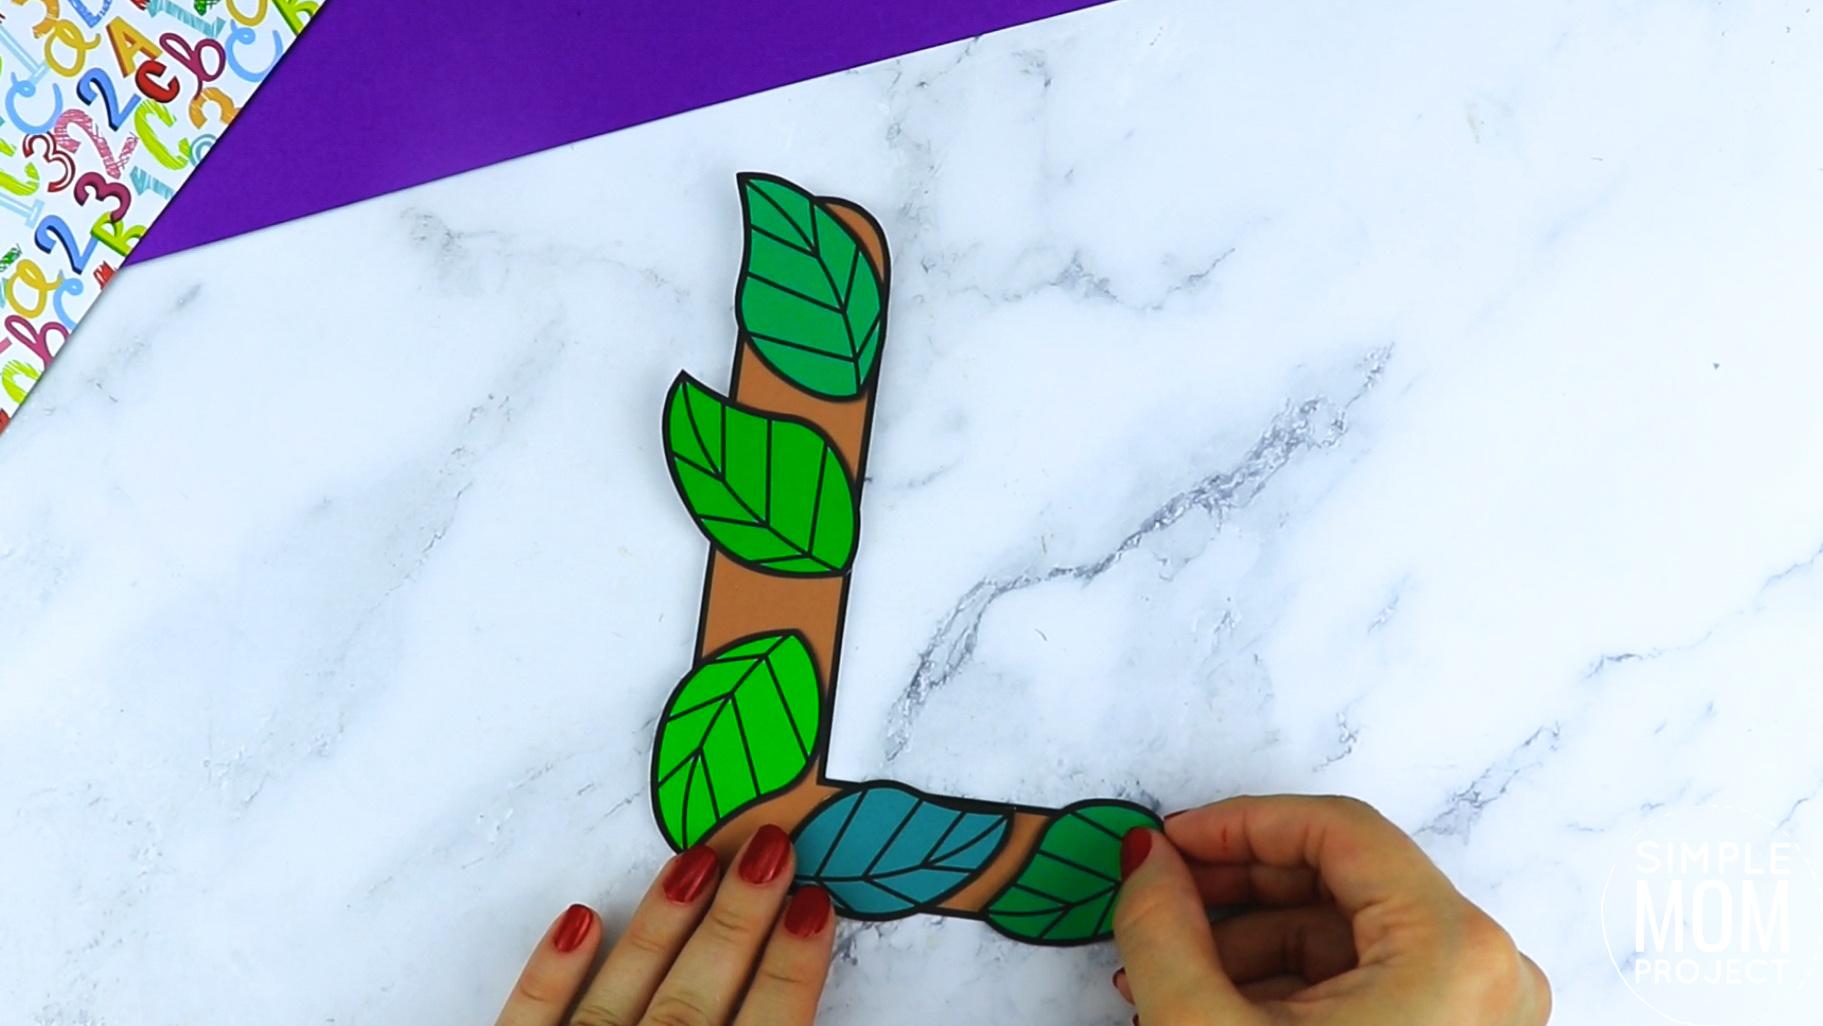 L is for Leaf Printable Craft Leaf Letter L Craft for Kids, preschoolers, toddlers and kindergartners